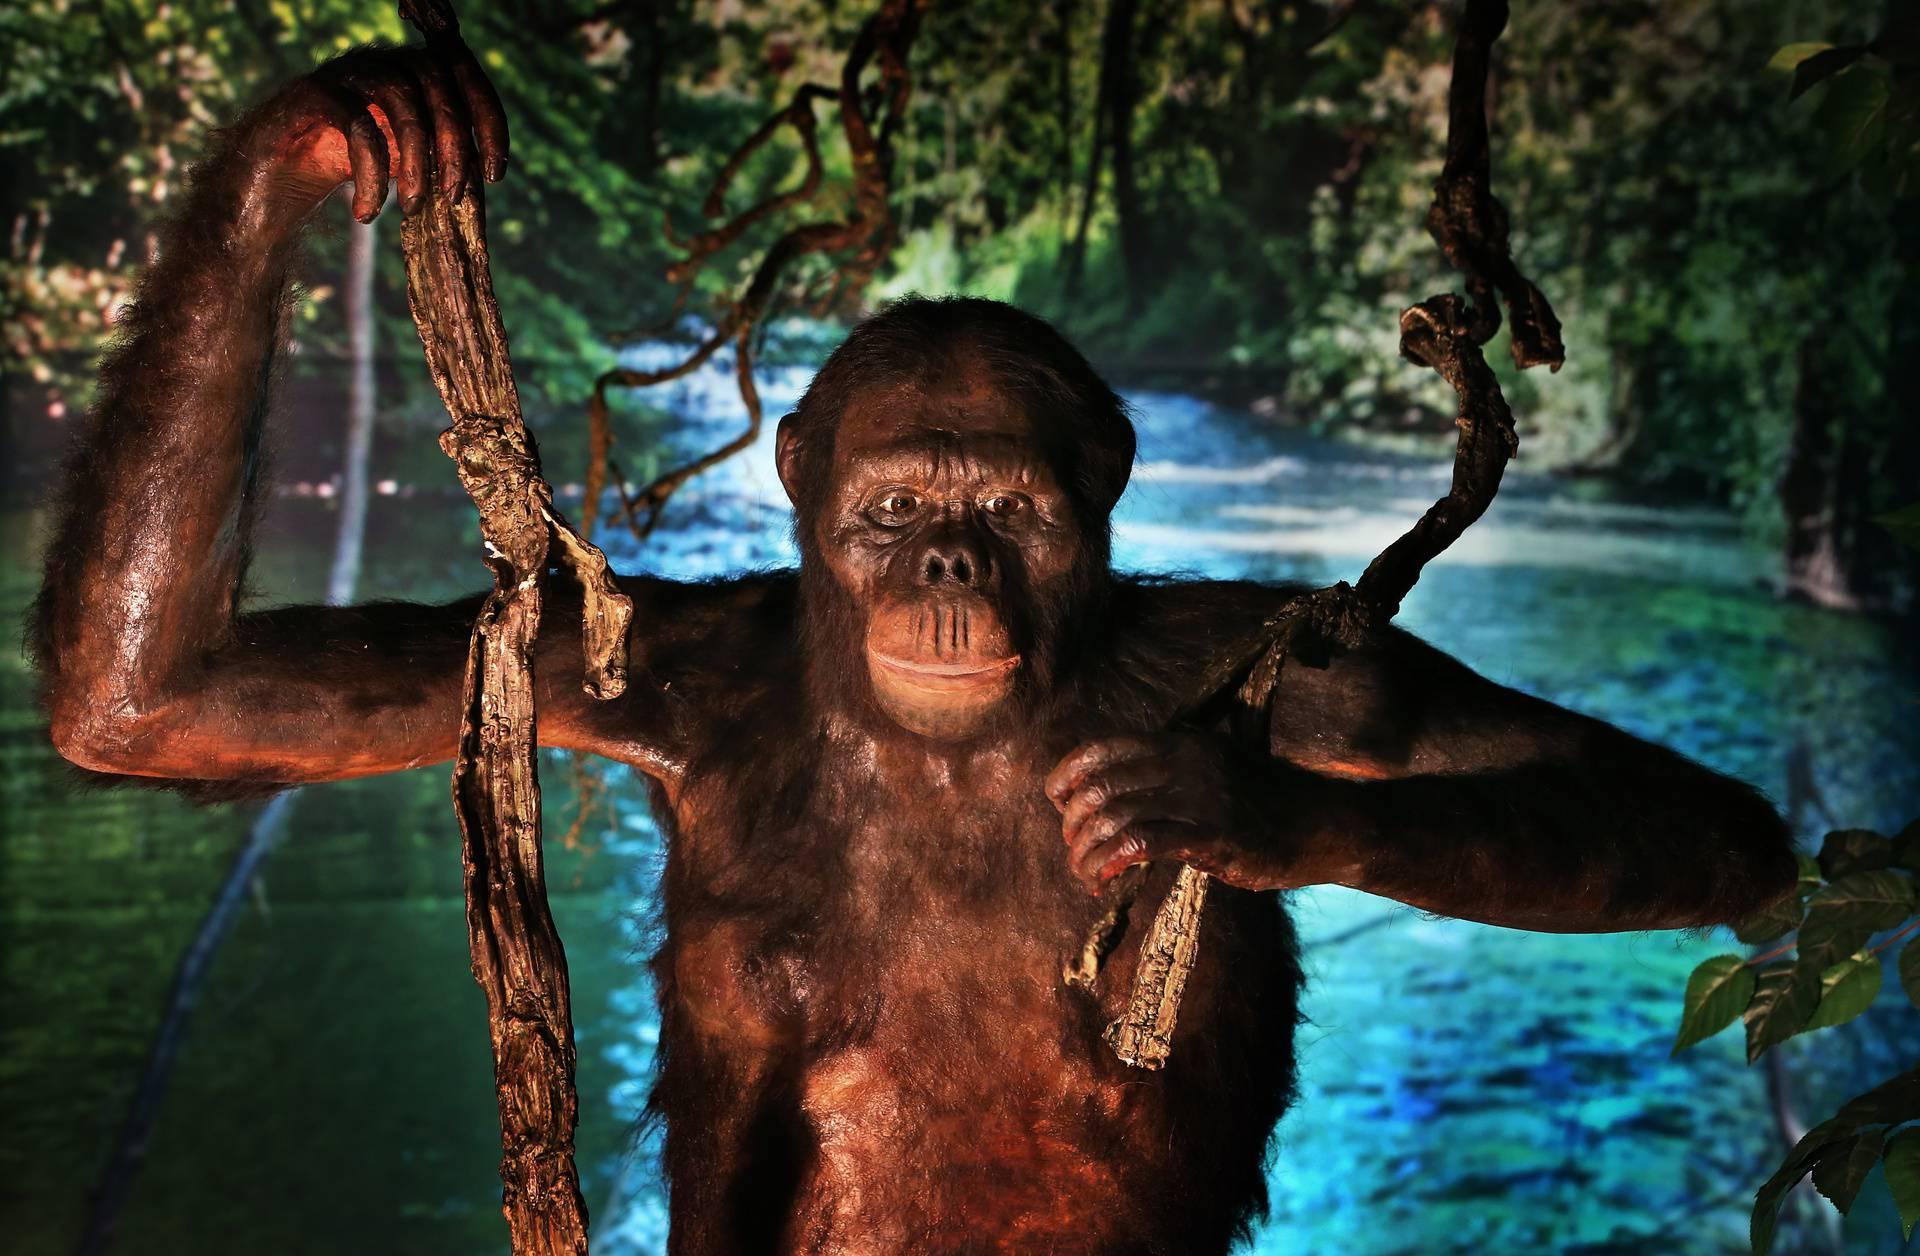 U muzeju je izložena replika majmuna koji je hodao Zemljom prije 11.6 milijuna godina